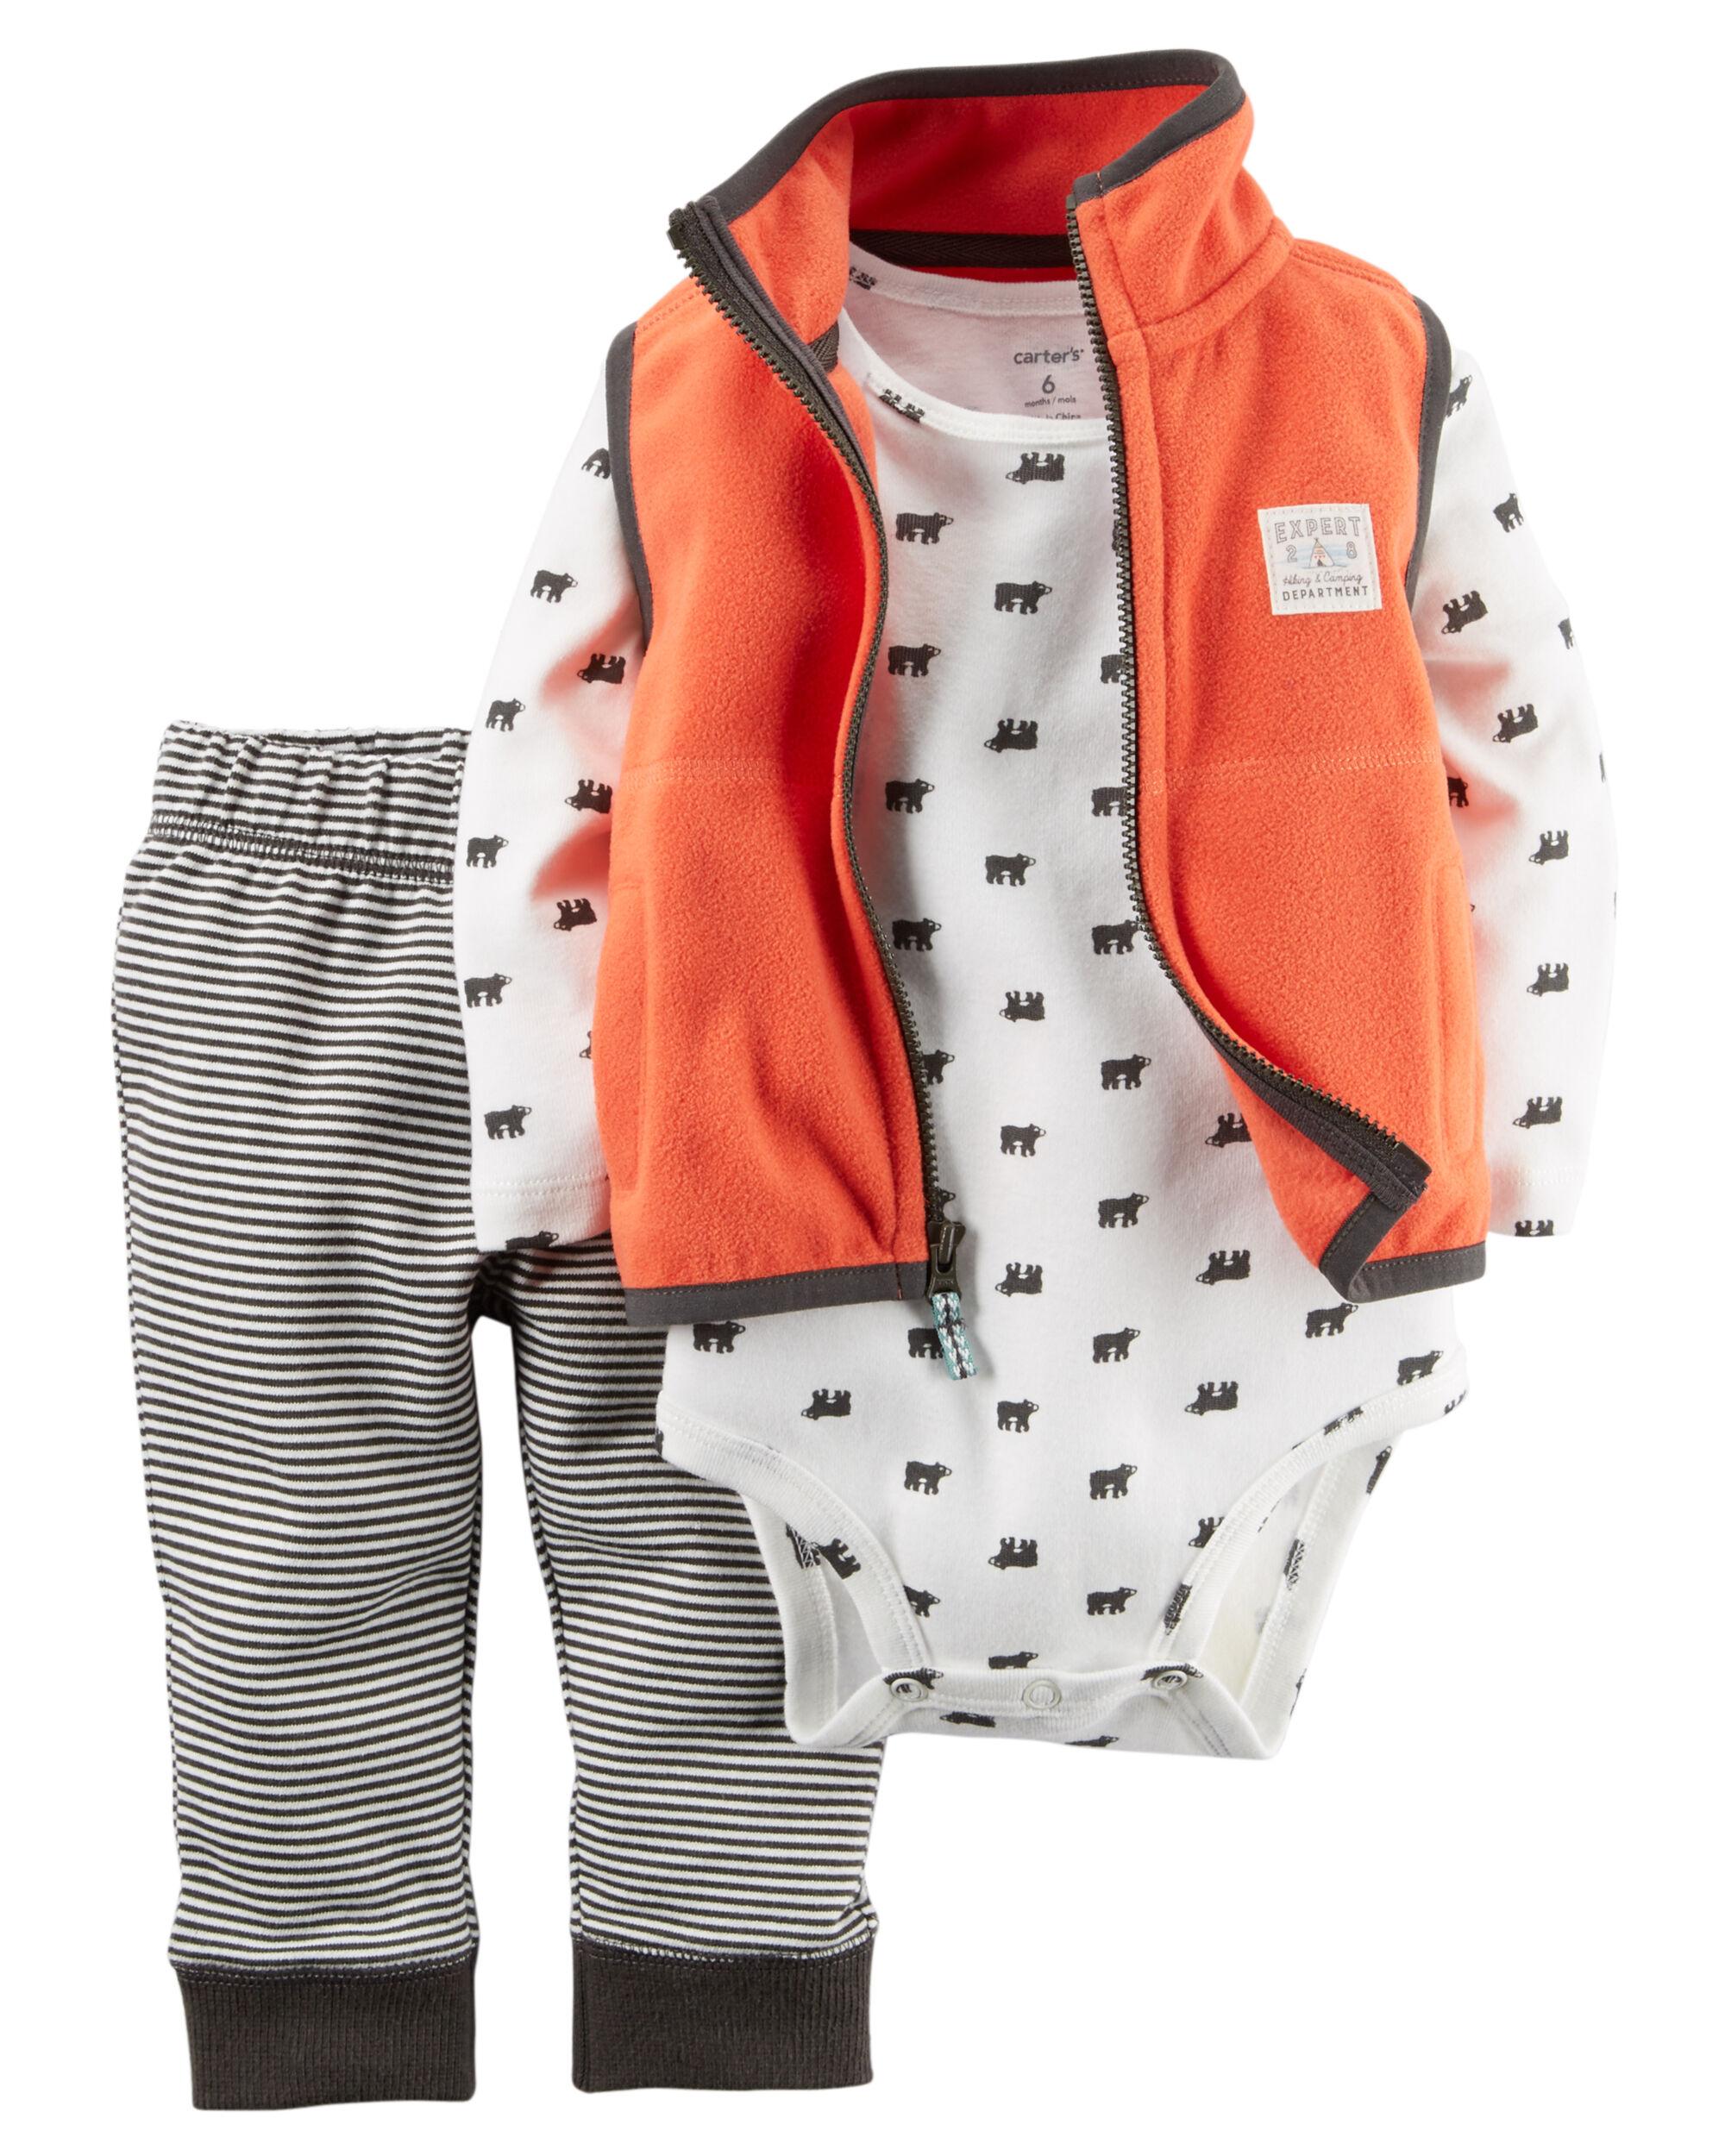 3 Piece Little Vest Set